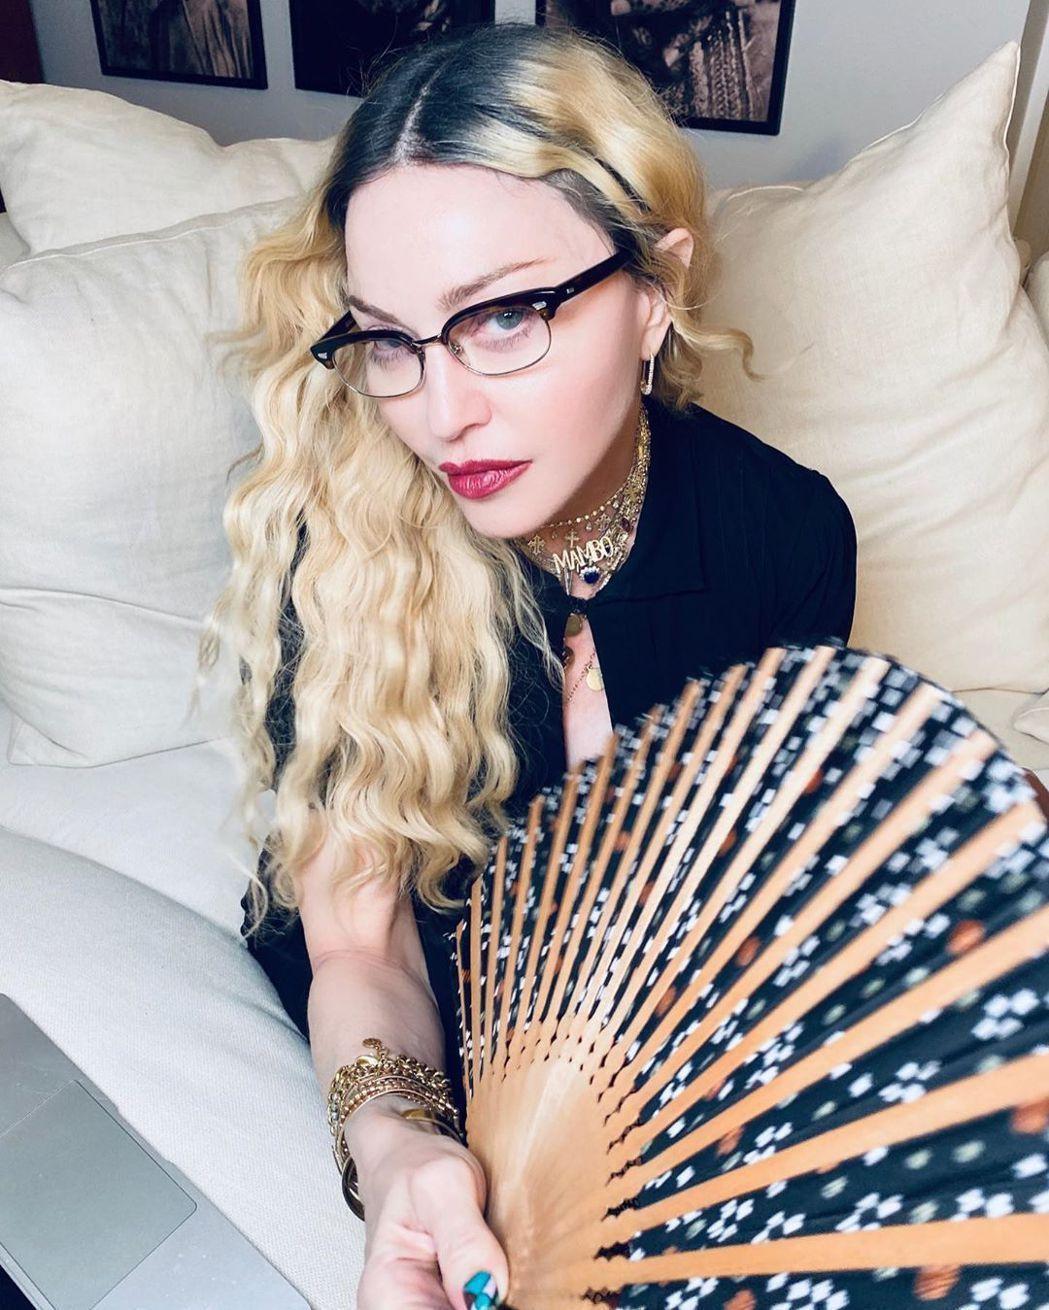 近年歌手傳記電影「波希米亞狂想曲」、「火箭人」熱賣,讓瑪丹娜積極籌備自傳電影。圖...